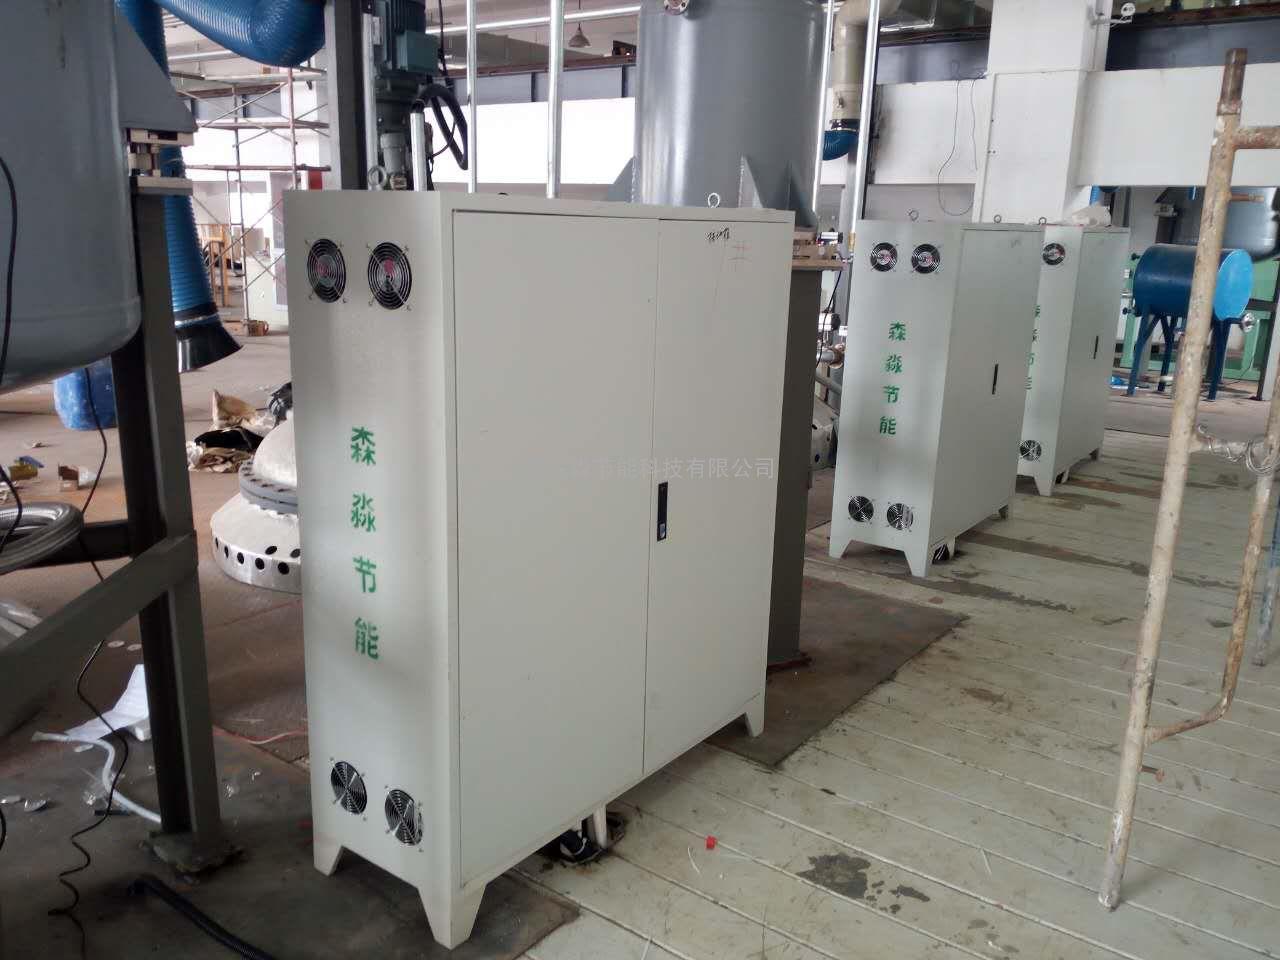 粘胶剂反应釜环保电磁加热器-不锈钢反应釜环保节能加热器